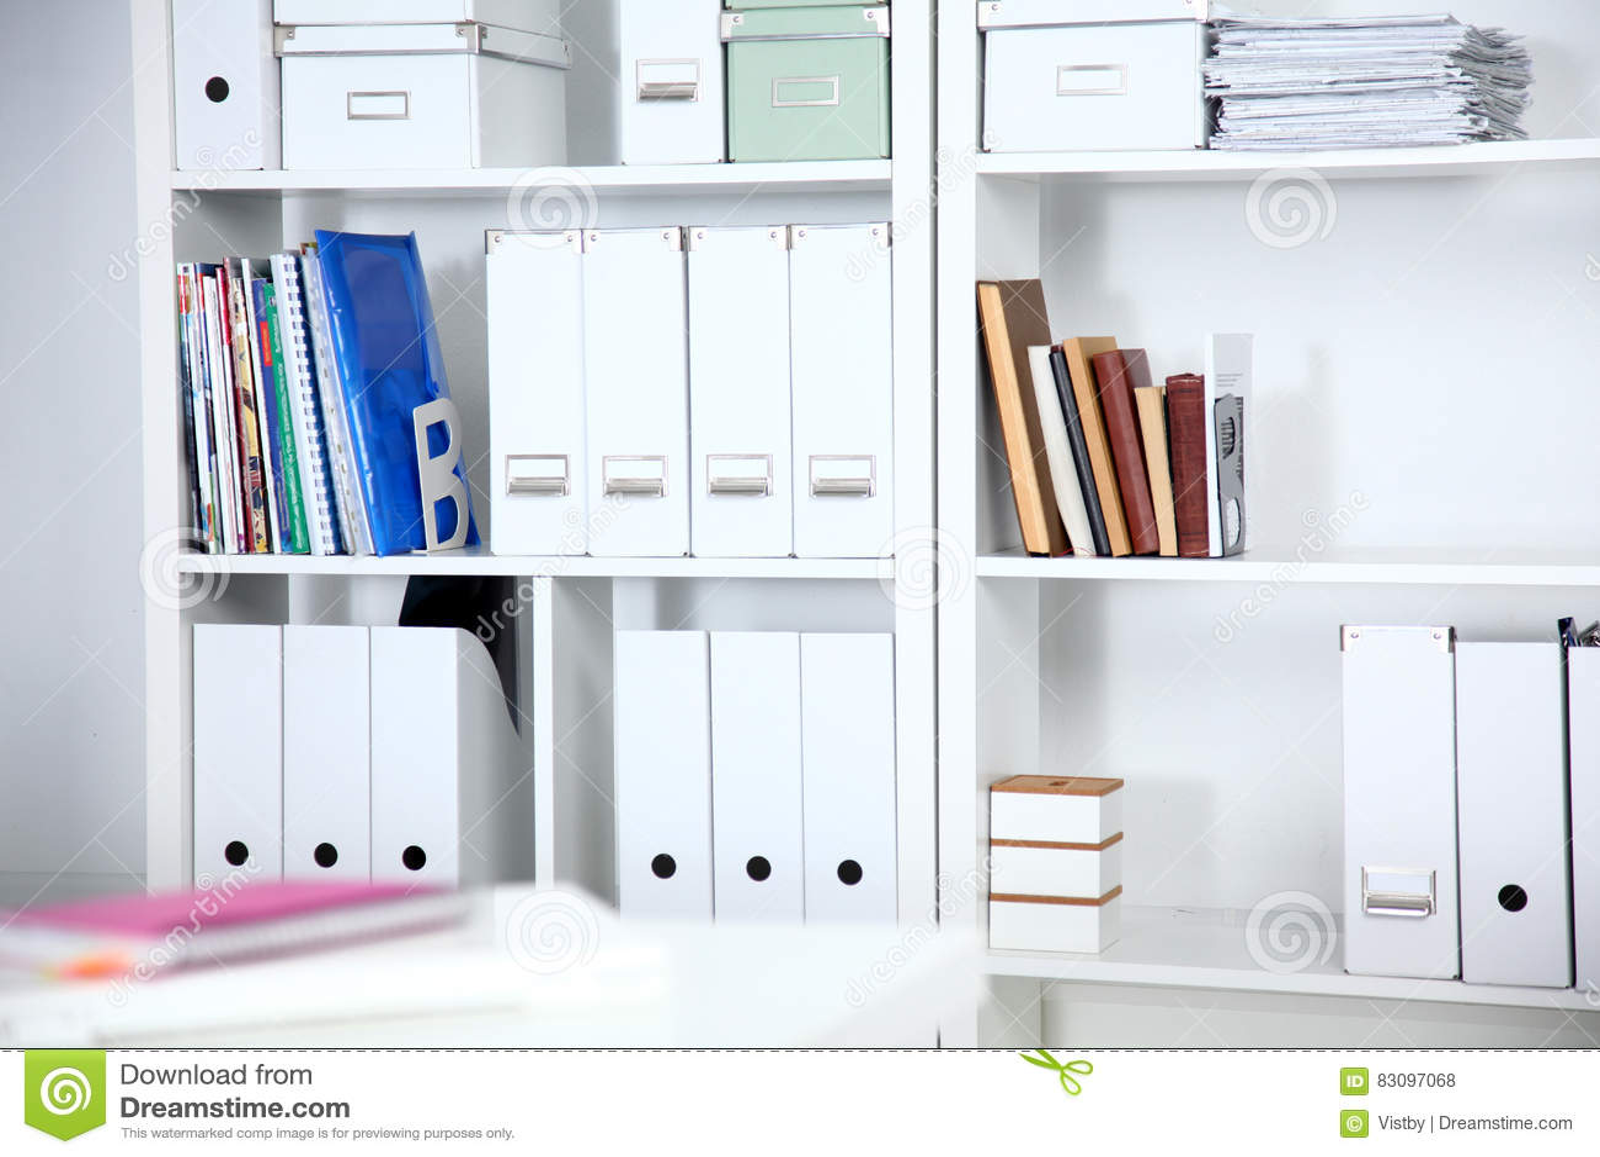 Estantes Para Archivos Oficina.Interior Moderno De La Oficina Con Las Tablas Las Sillas Y Los